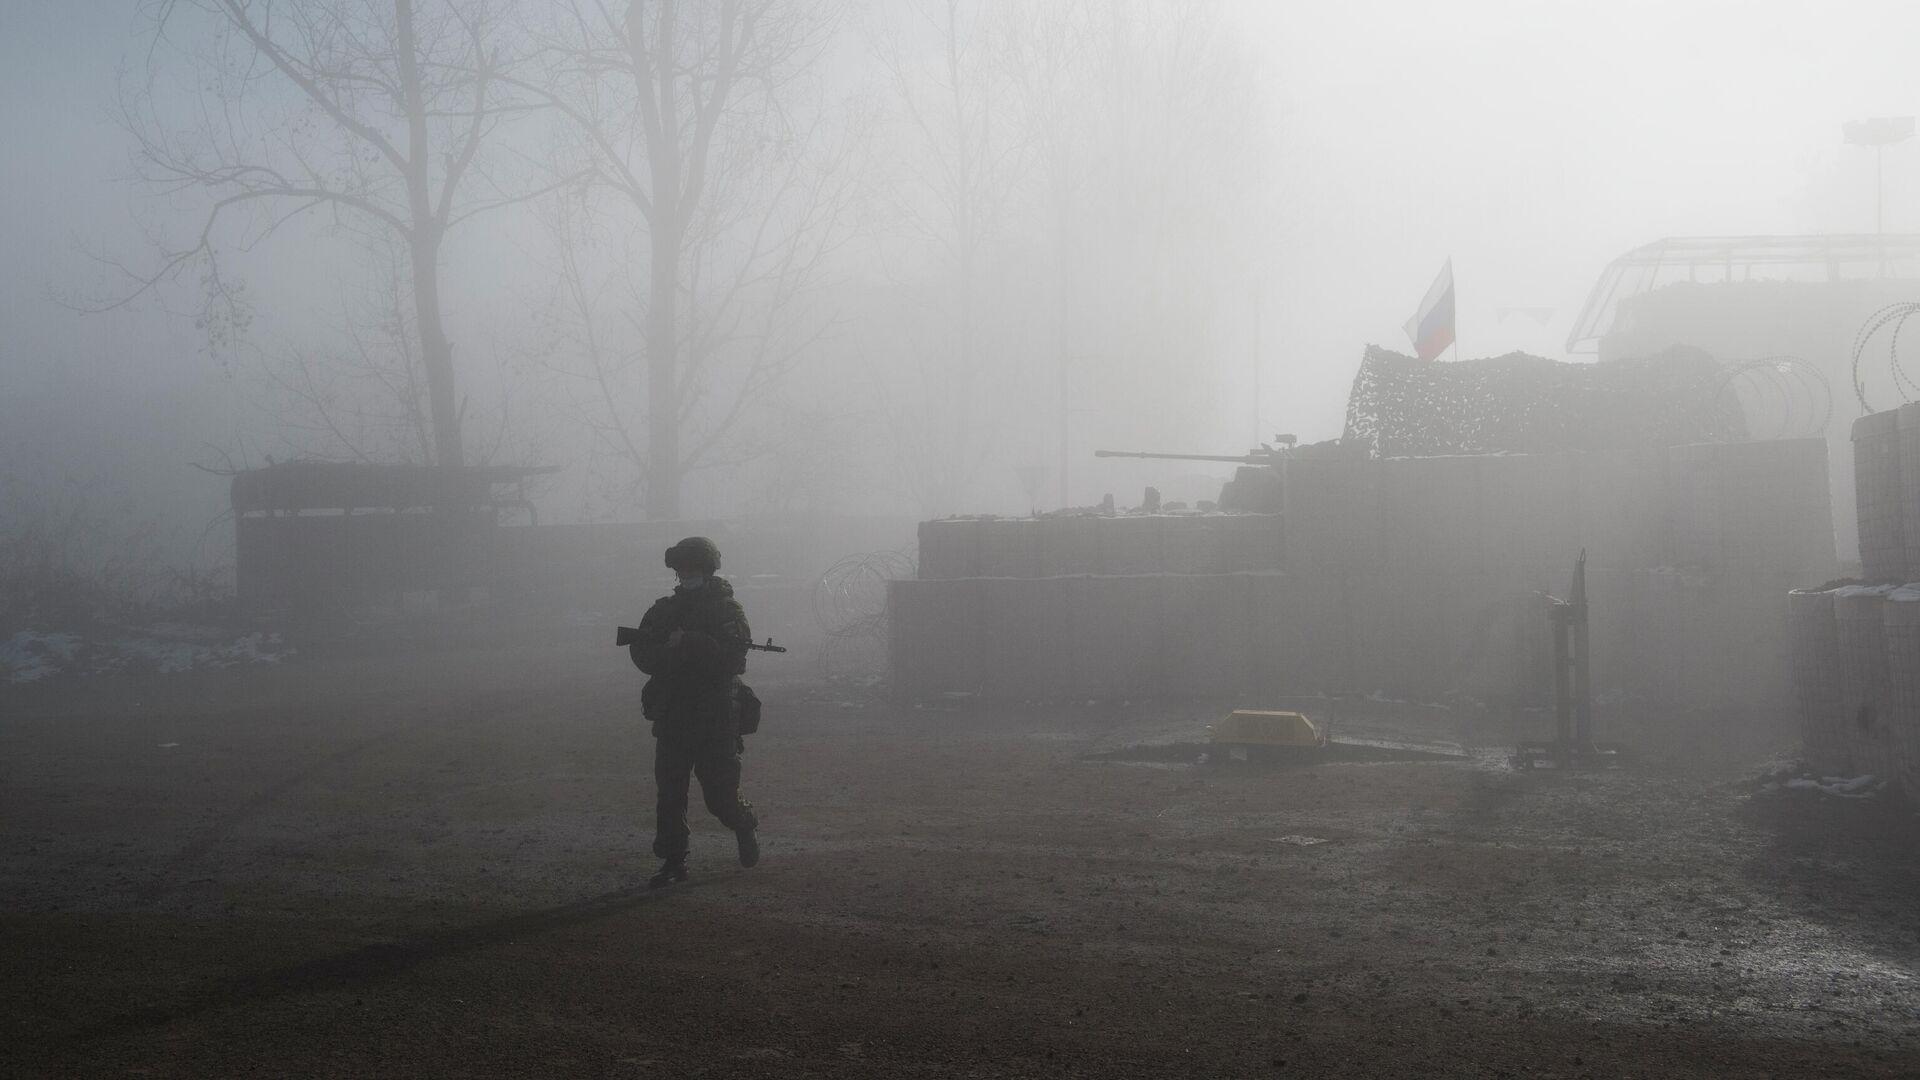 Российский миротворец на блокпосту №6 на въезде в город Шуша - РИА Новости, 1920, 16.12.2020